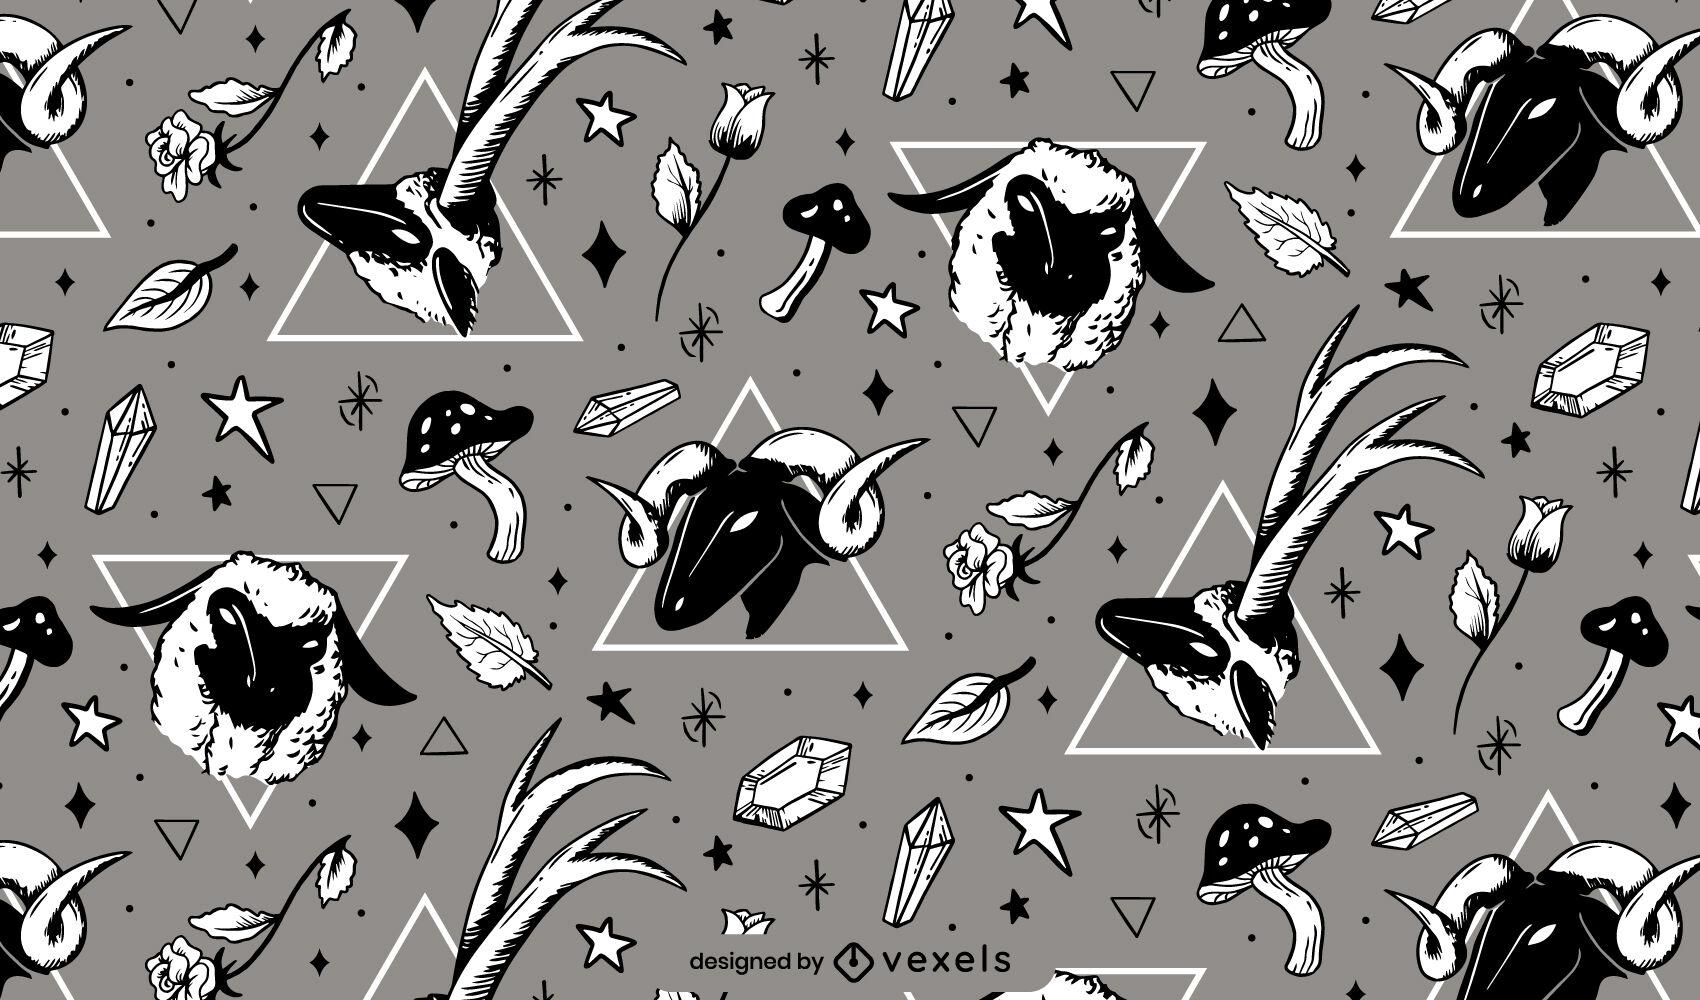 Desenho de padrão mágico animal de ovelha